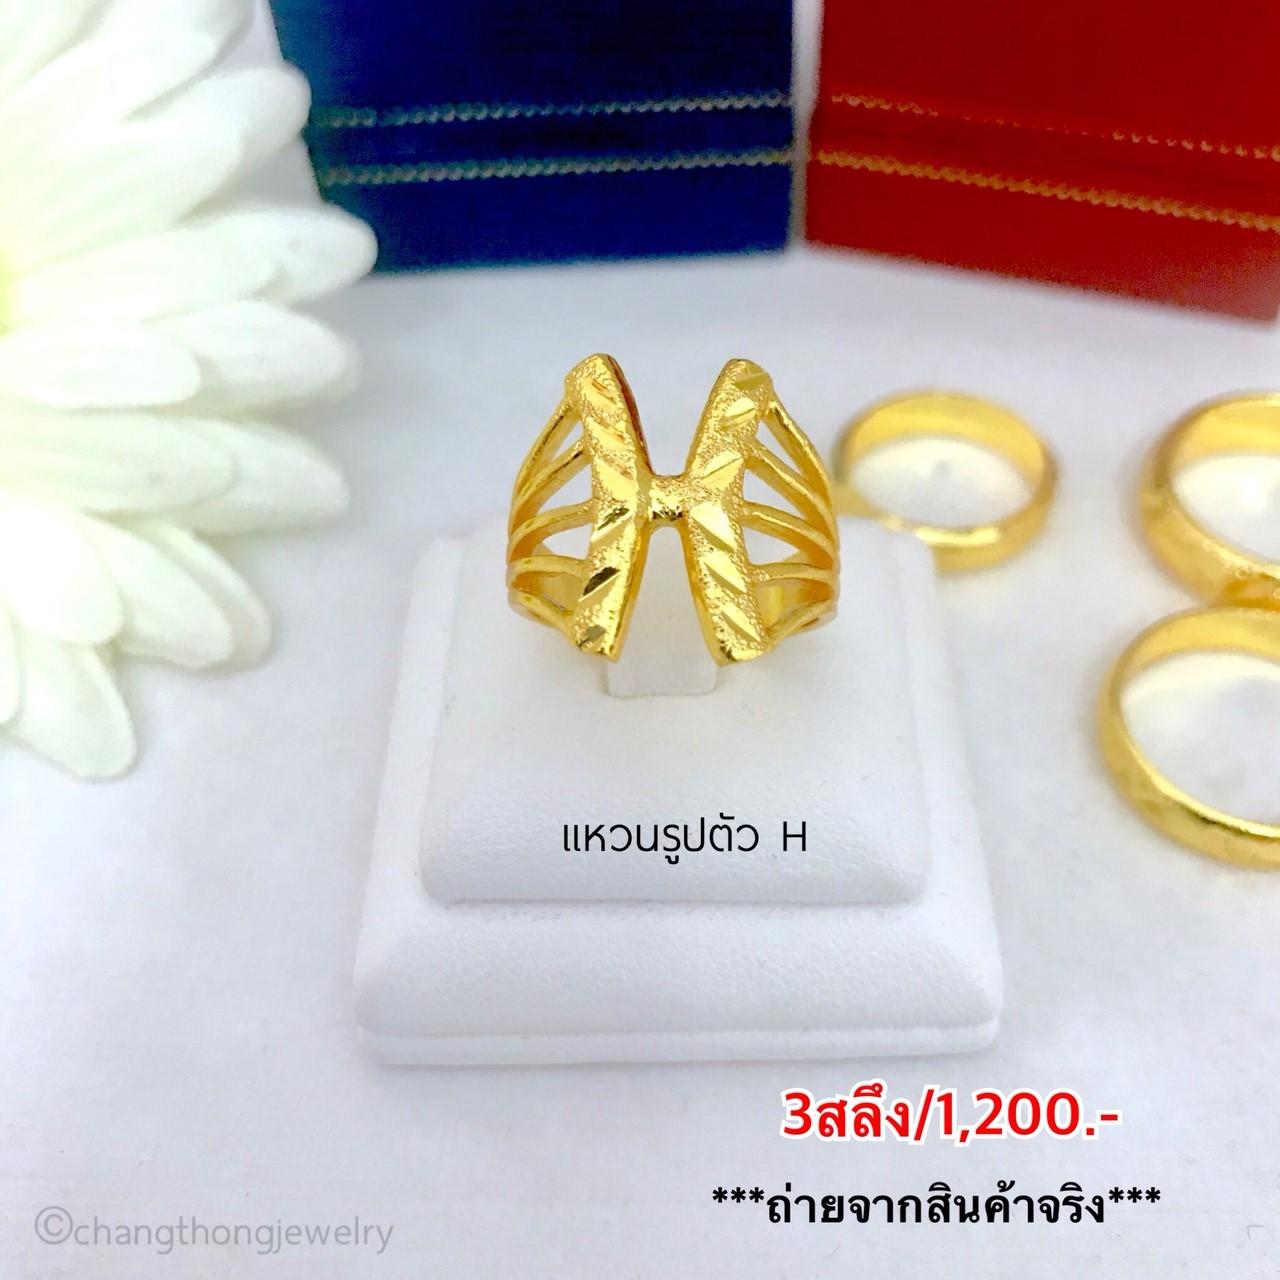 แหวนรูปตัว H 3 สลึง Size 48,50,53,54,55,56,57,58